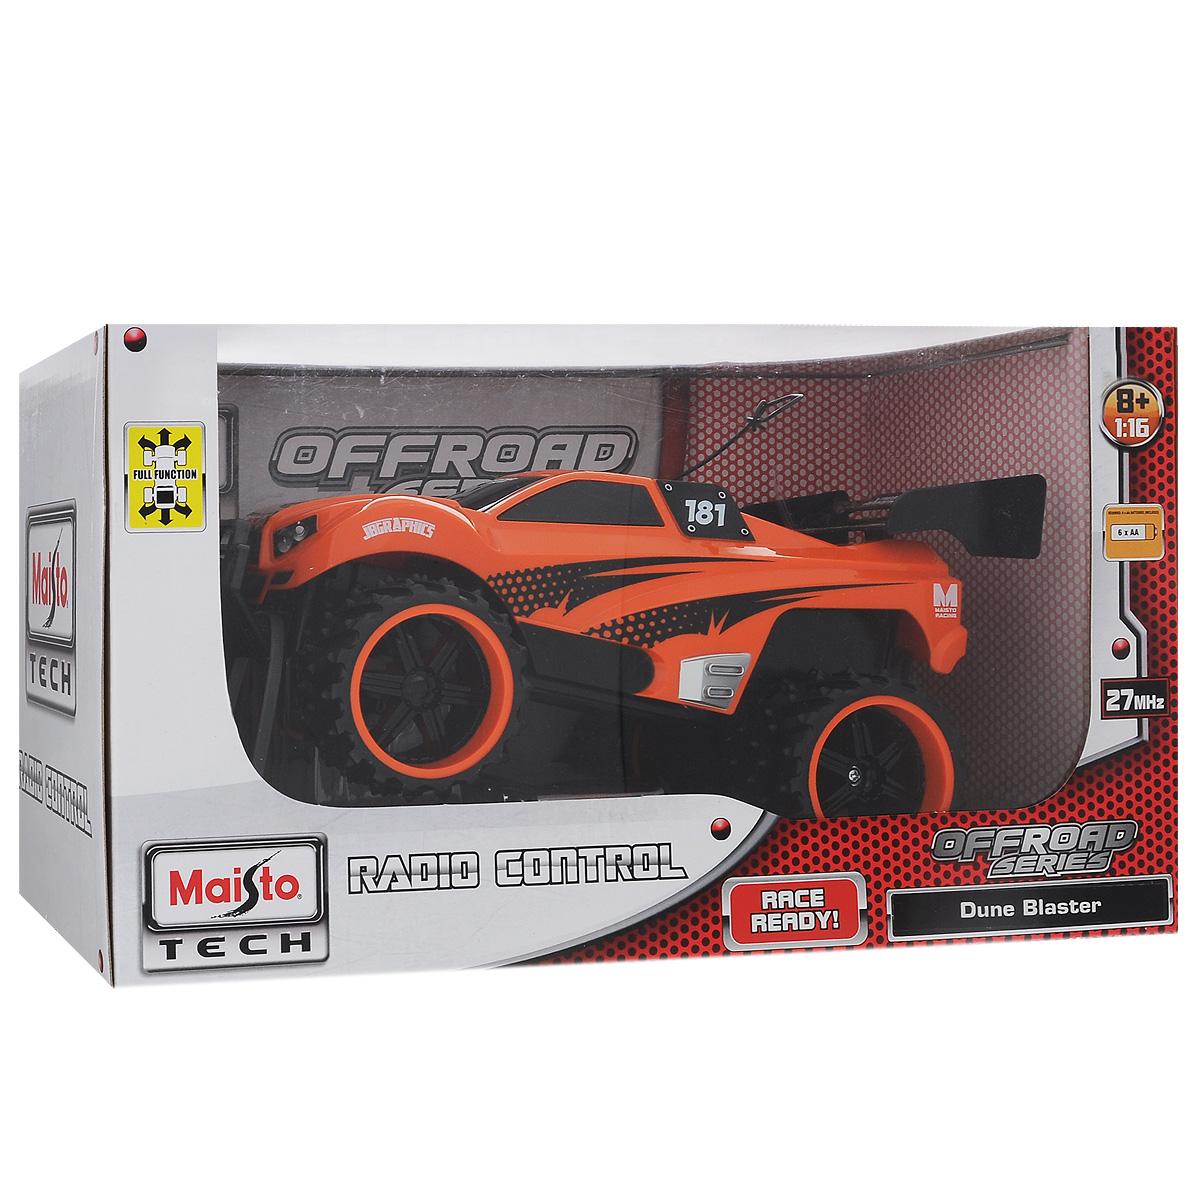 Радиоуправляемая модель Maisto `Внедорожник Dune Blaster`, цвет: оранжевый. Масштаб 1/16